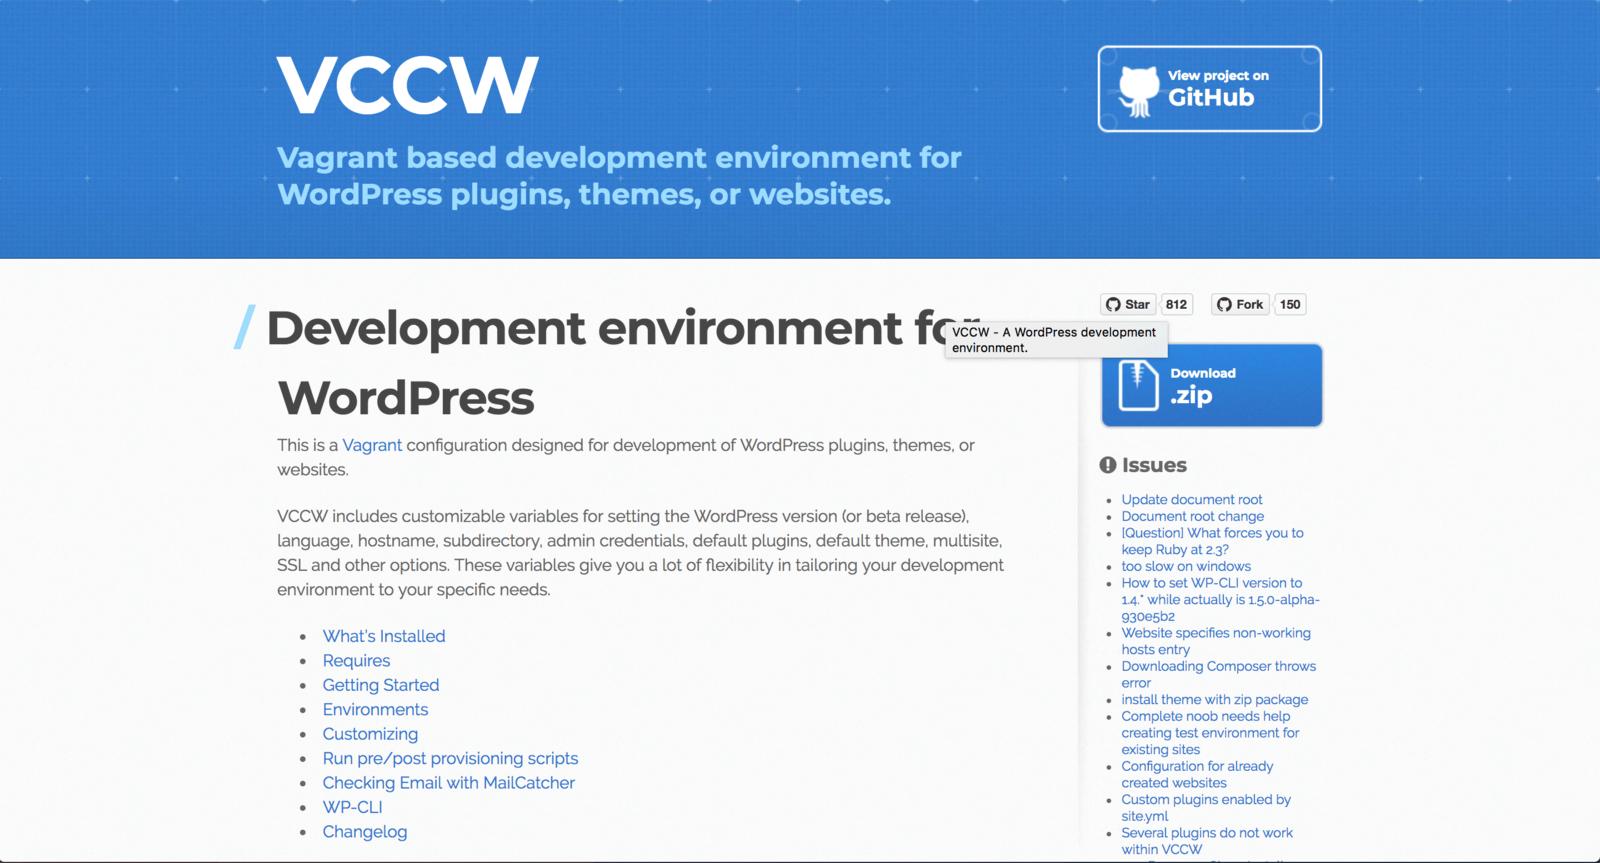 【WordPress】本番データ同期も簡単なローカル環境!VCCWを構築する方法